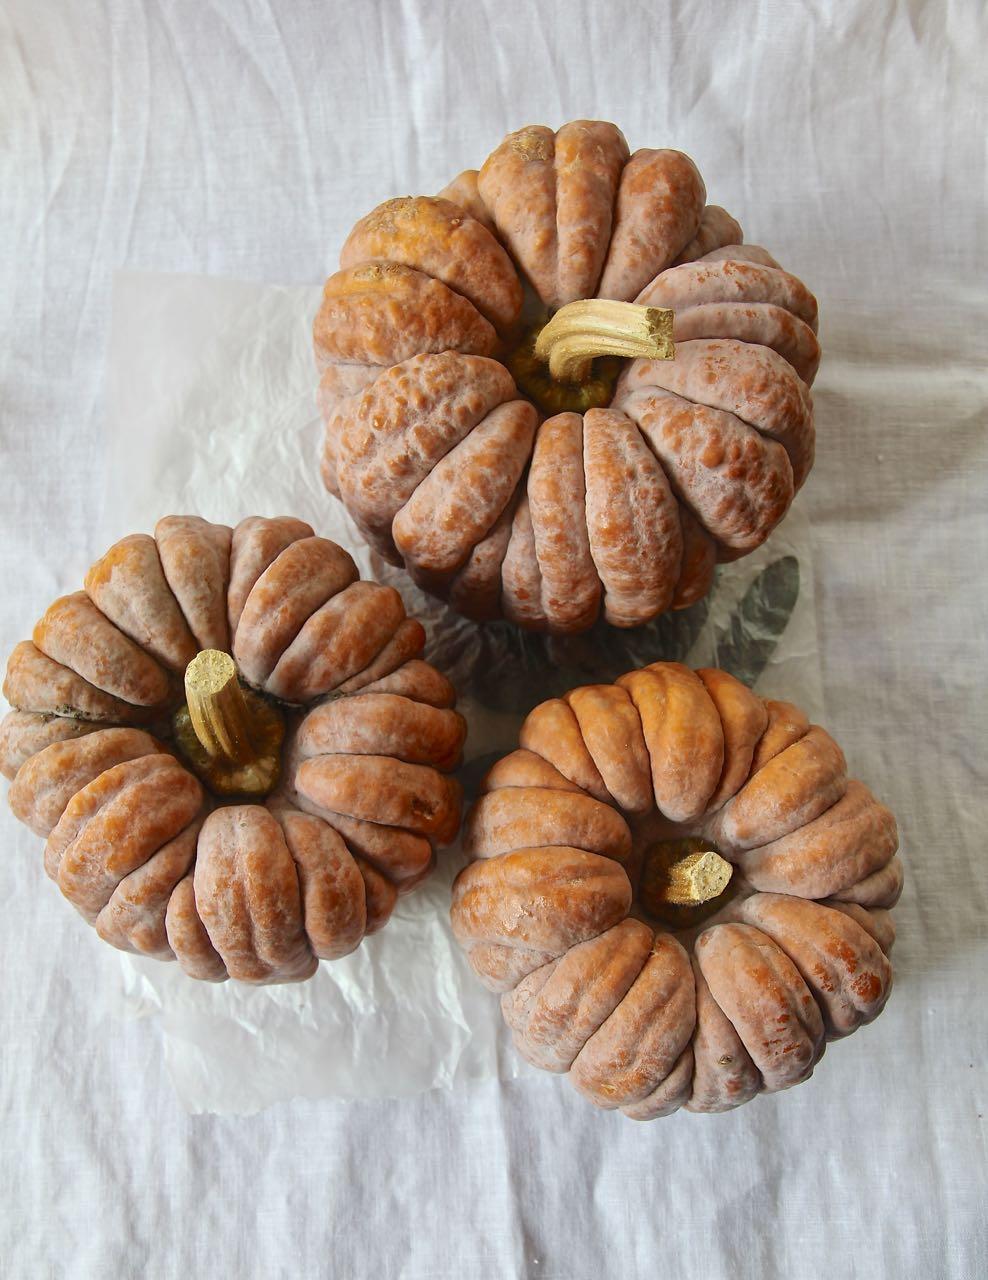 Orientalisch gefüllter Kürbis aus dem Ofen - Futsu Küribs Labsalliebe